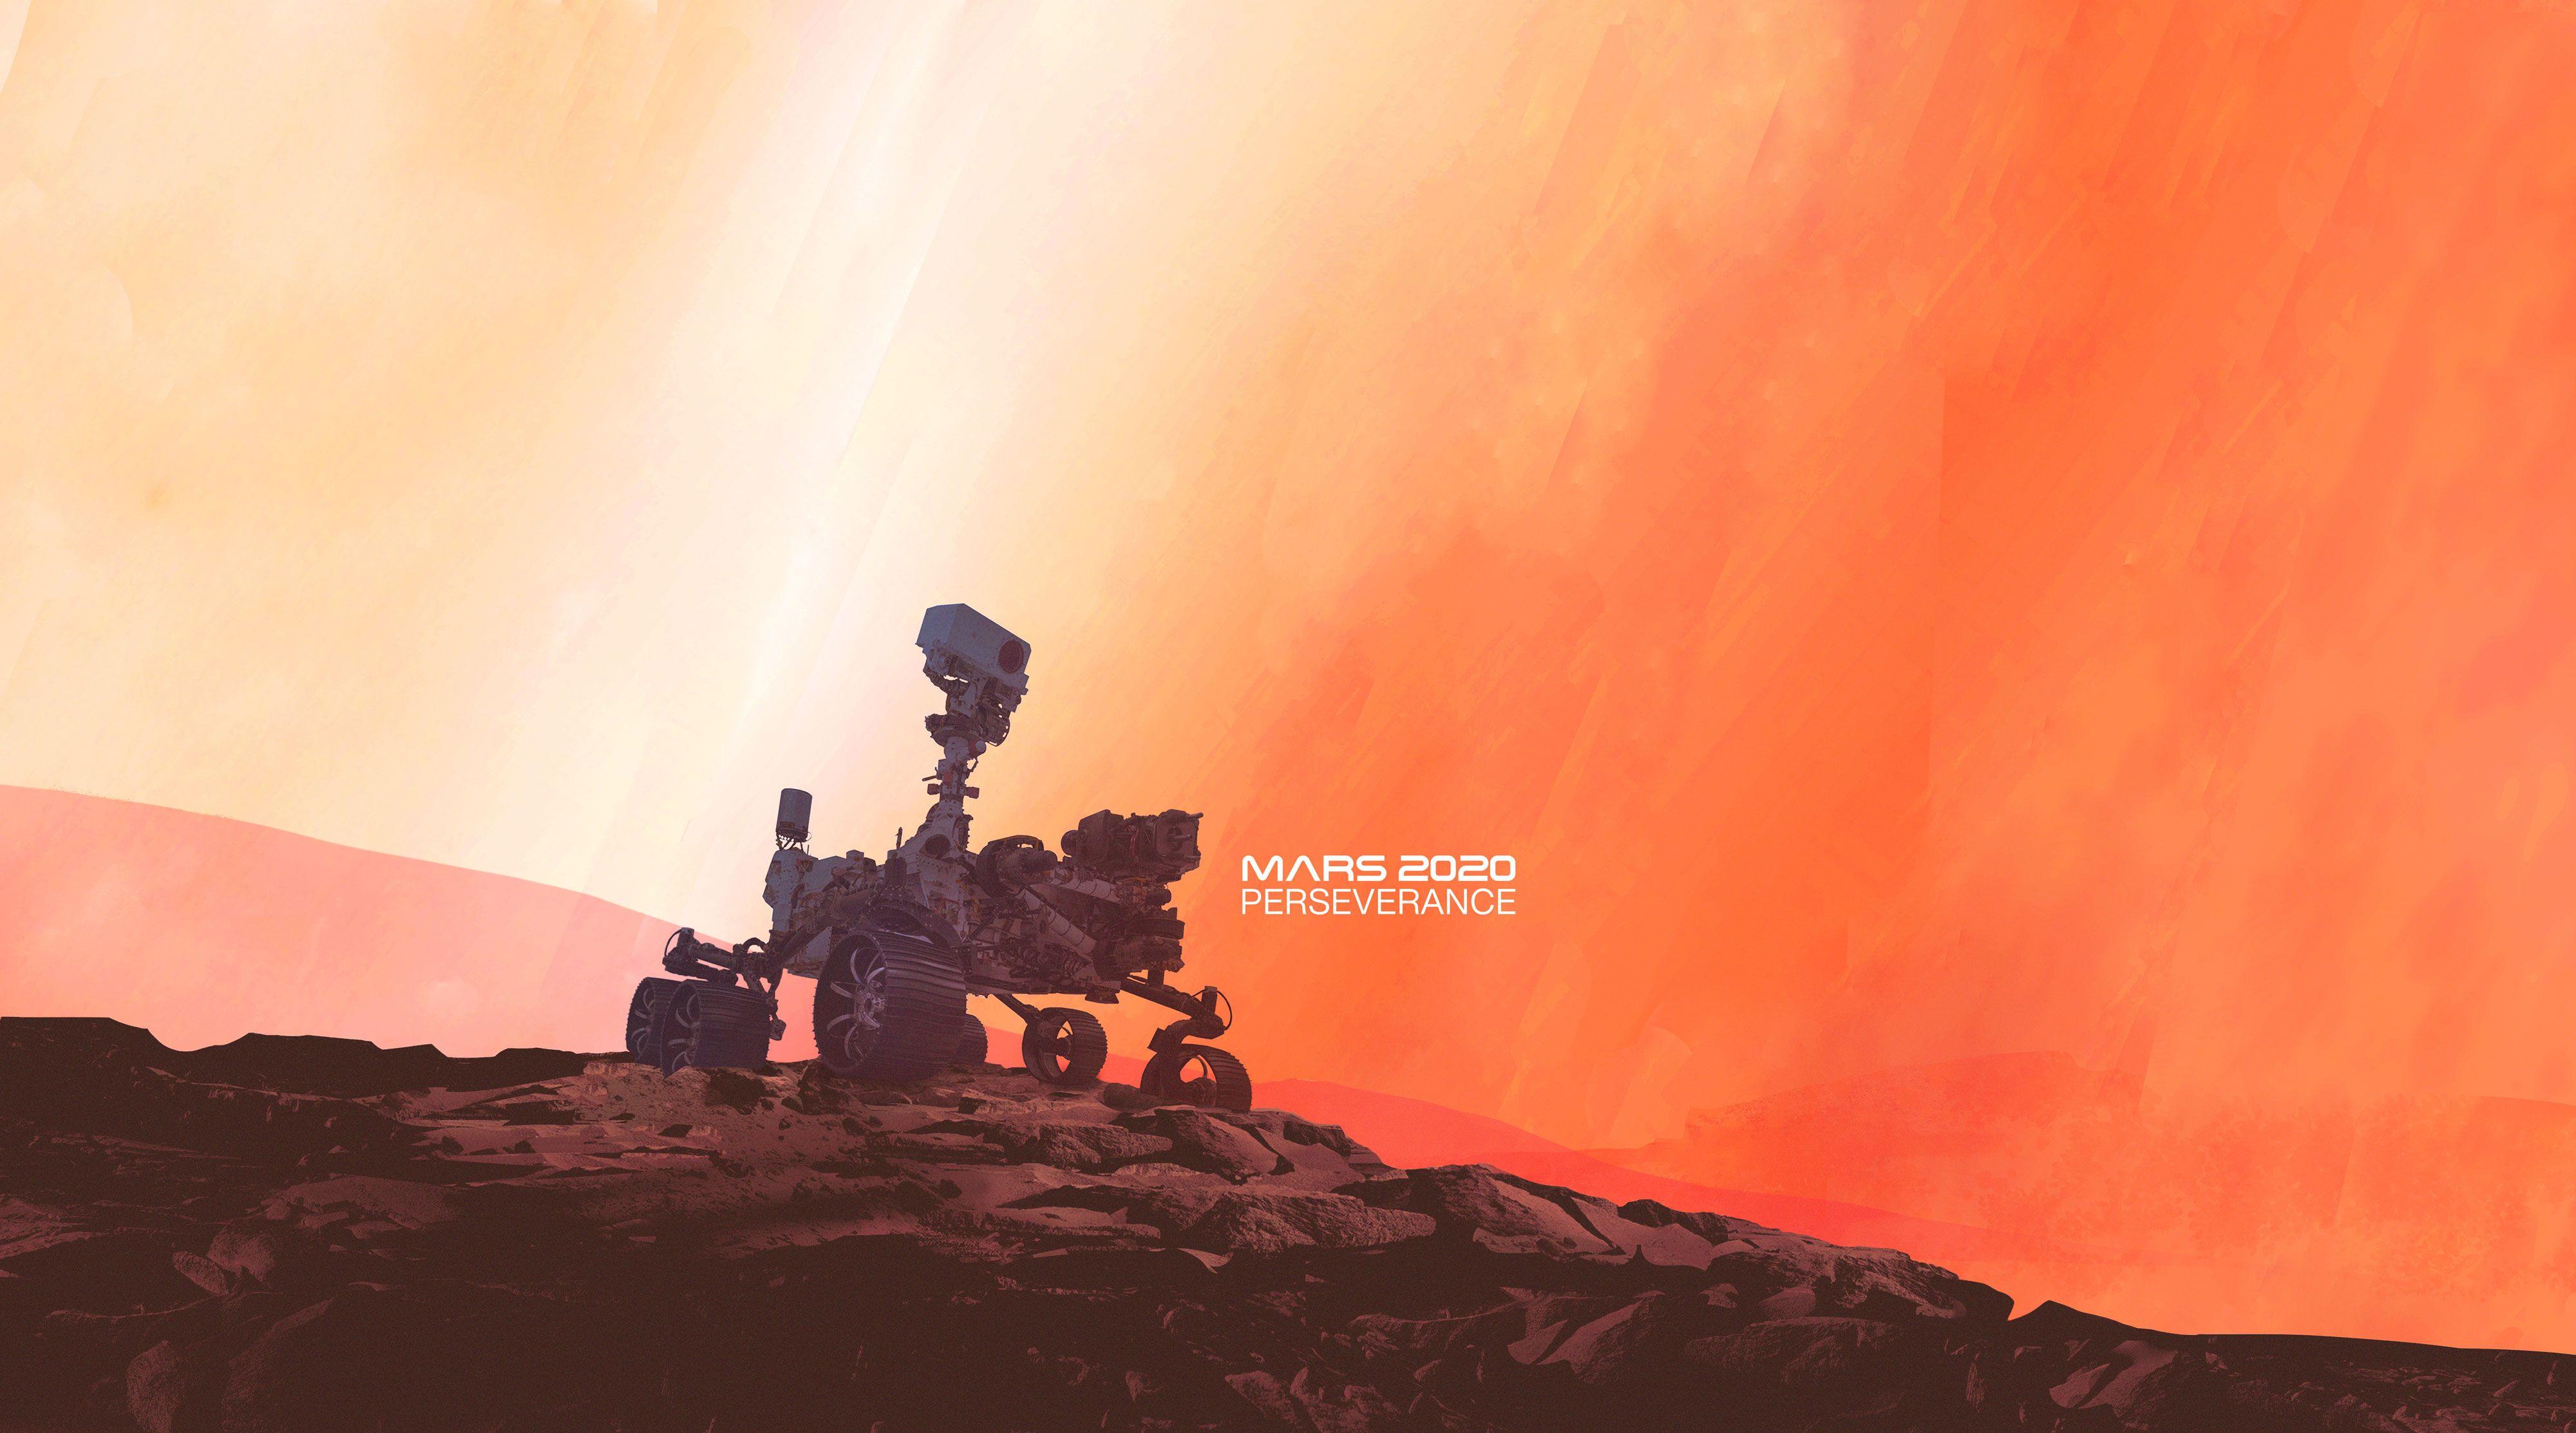 Le rover Perseverance sur Mars (vue d'artiste).